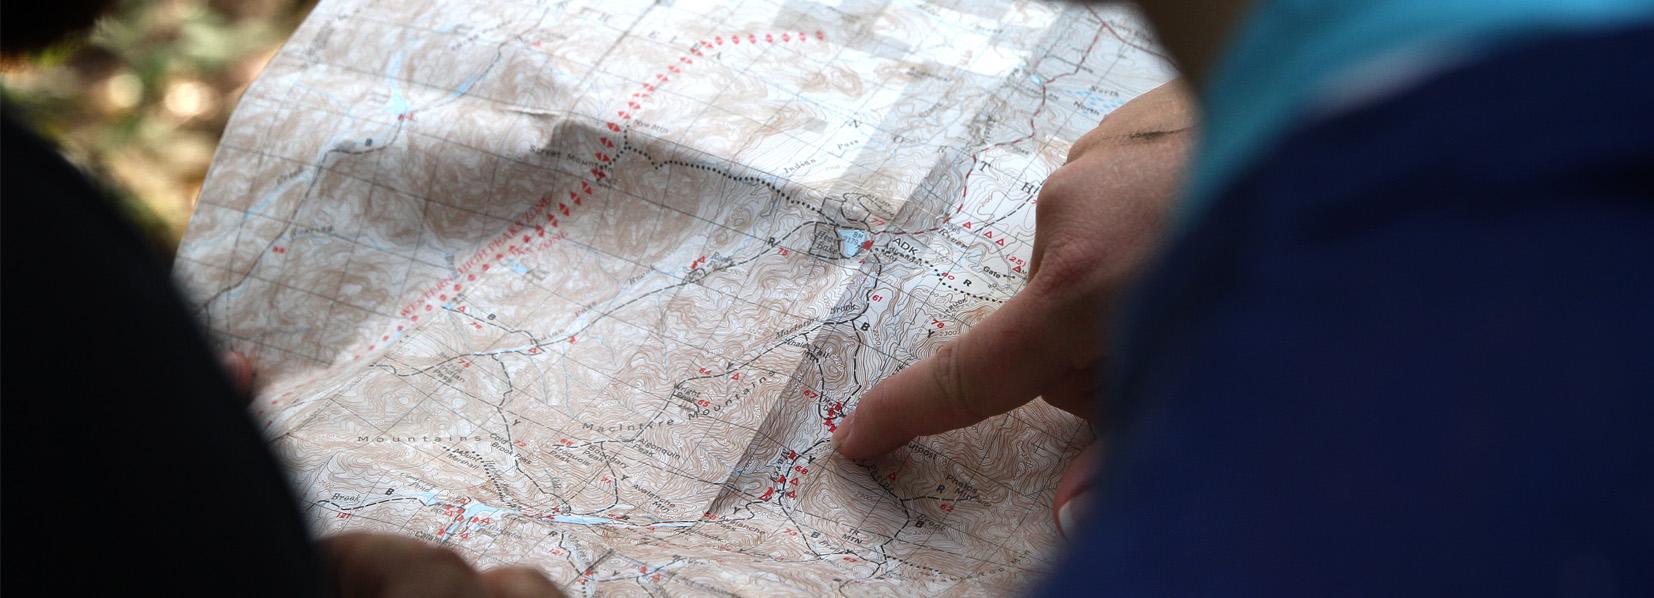 Berufsorientierung Sei Startklar Daniela Römer Map